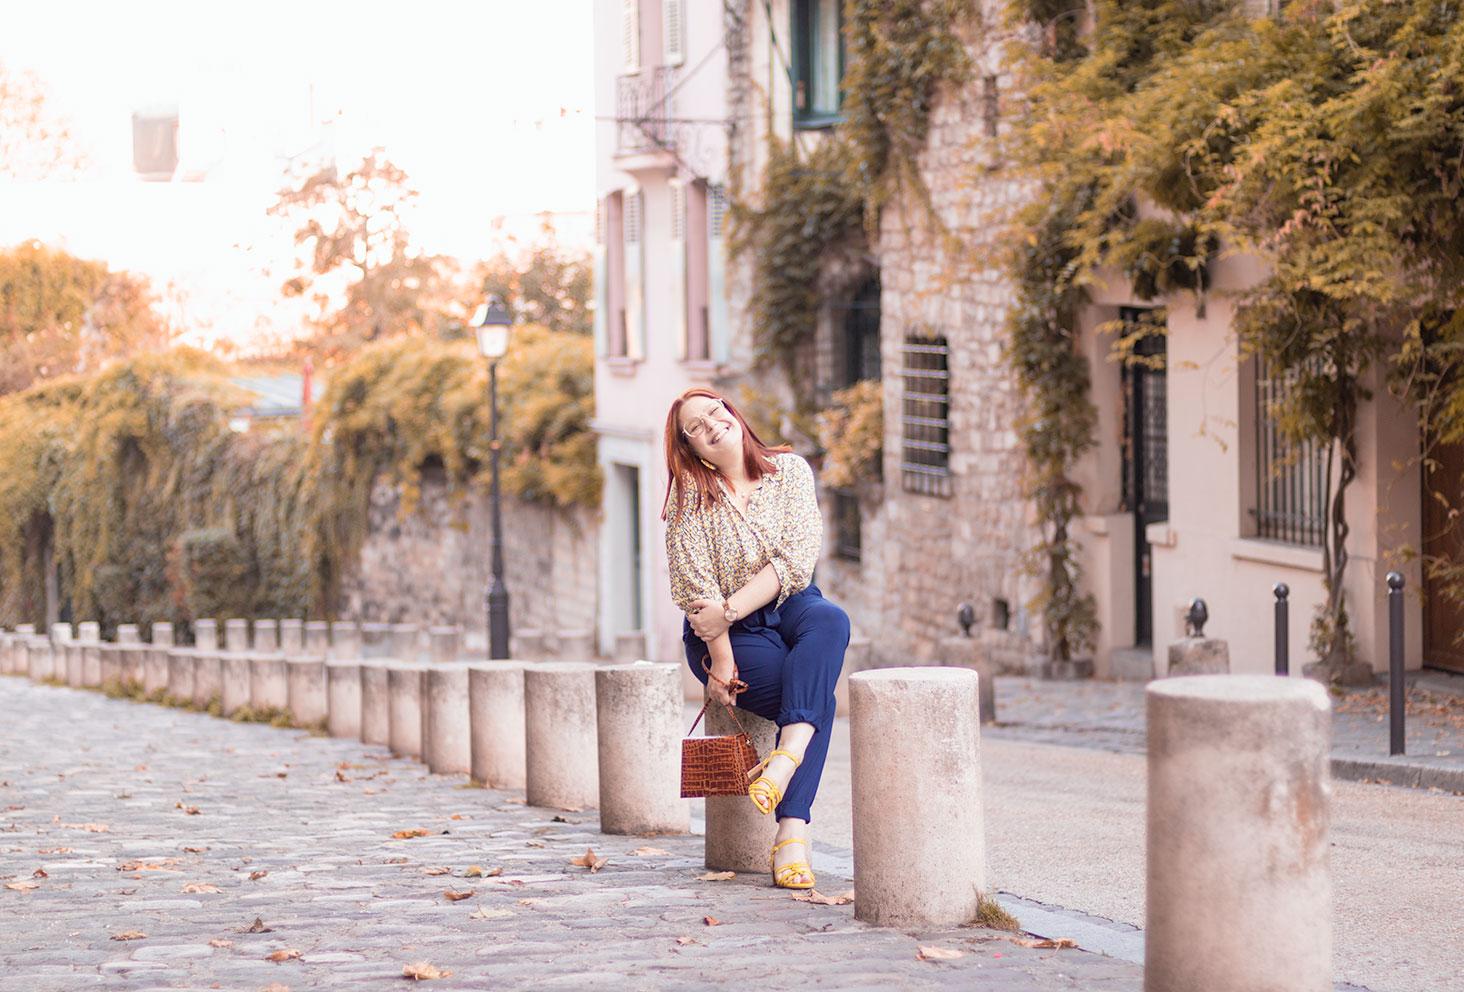 Assise dans une ruelle pavée de Montmartre avec le sourire, sur un plot de béton, en chemisier jaune et pantalon bleu